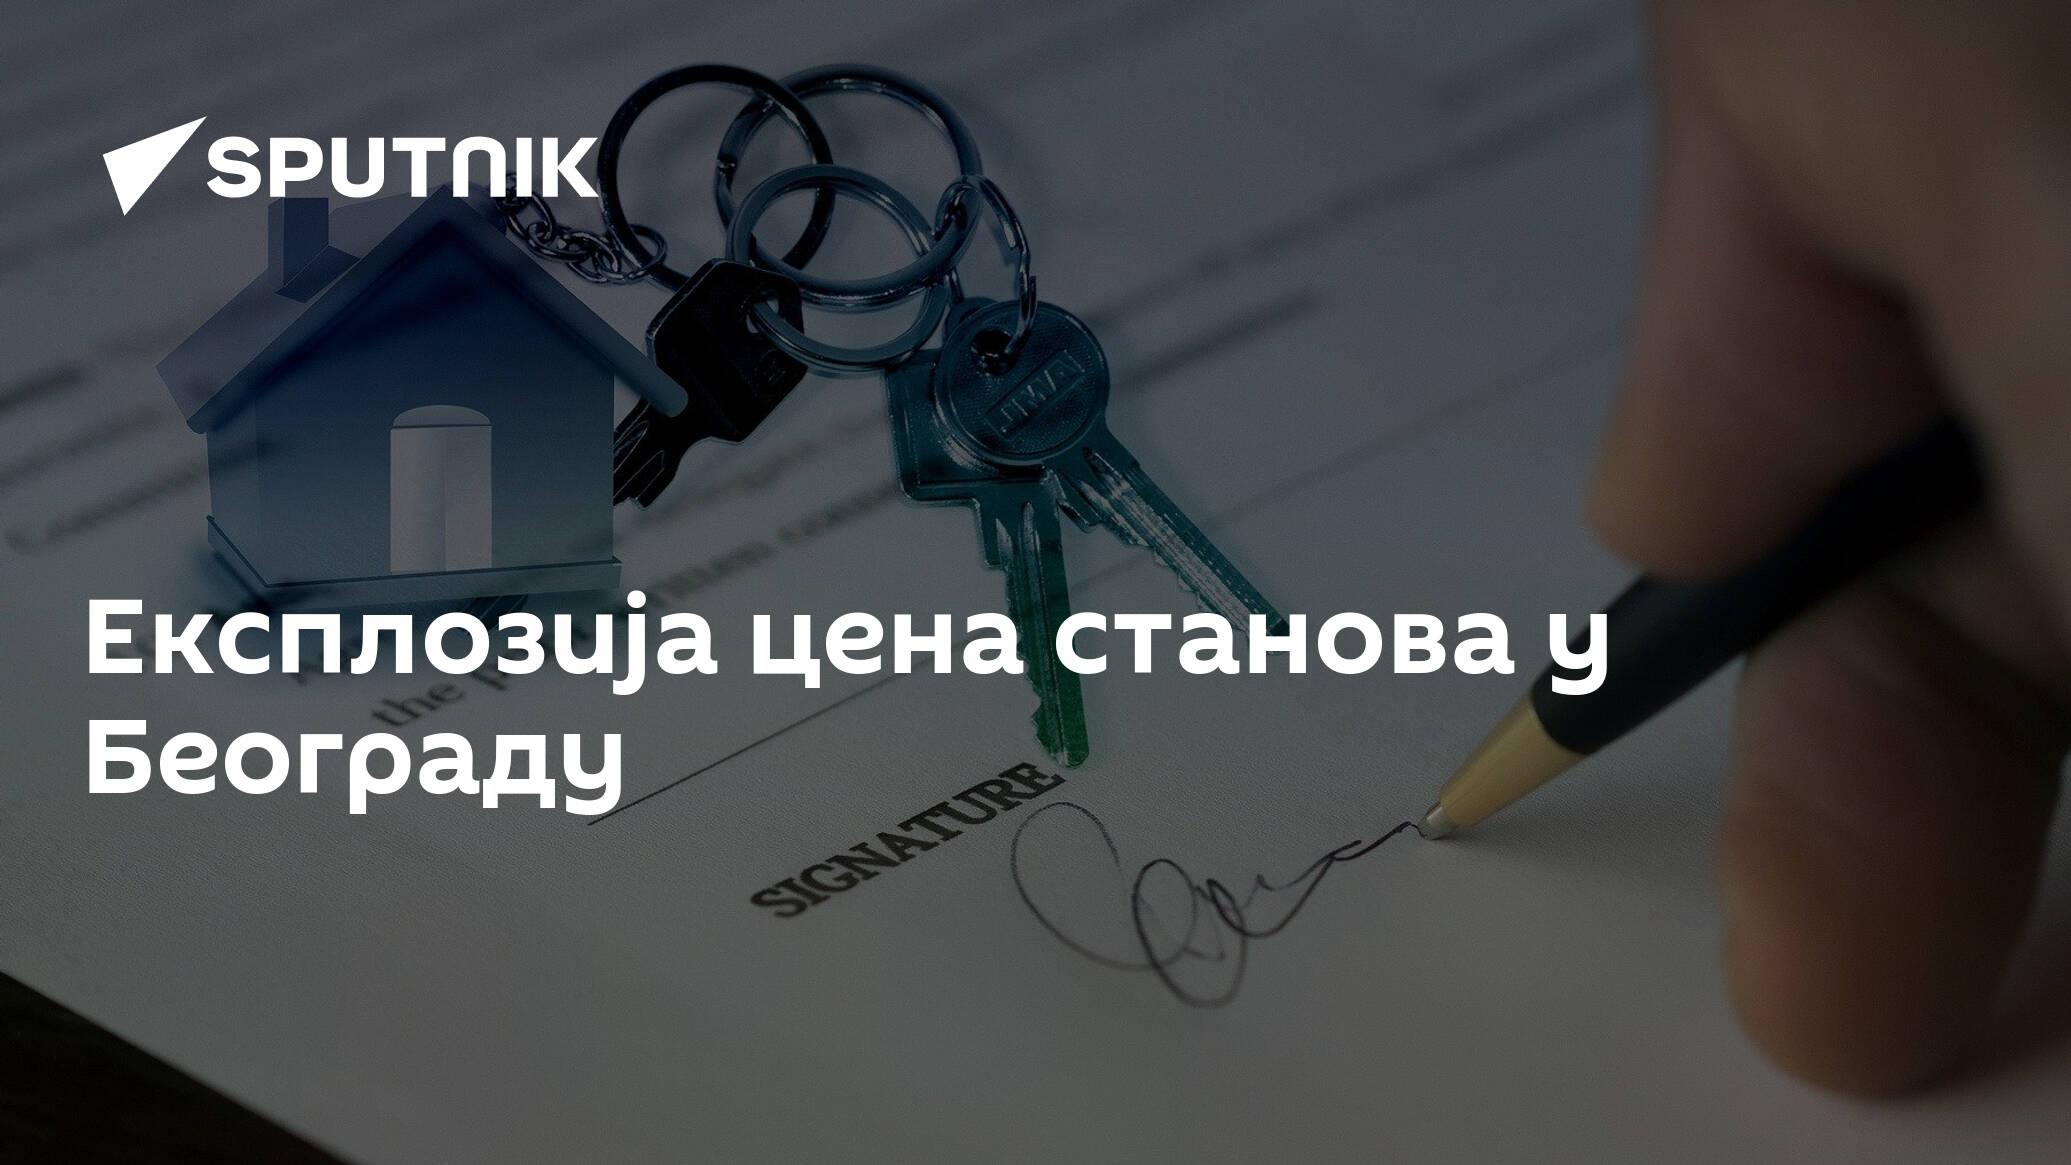 rs.sputniknews.com